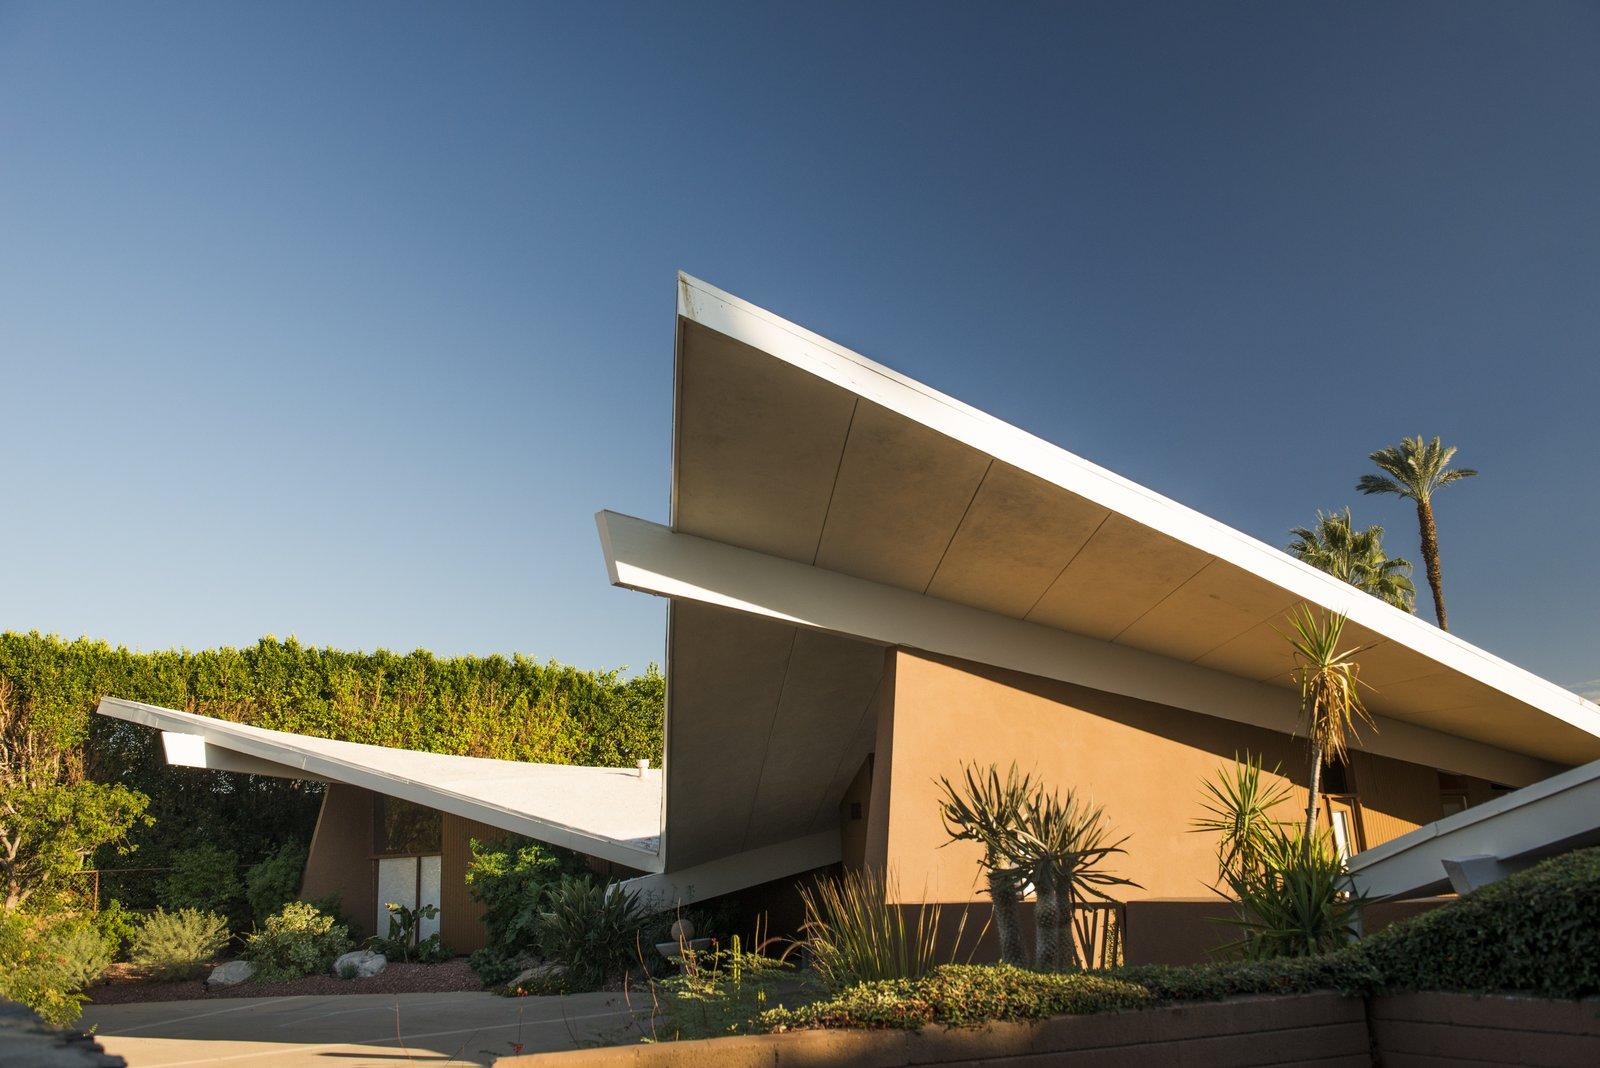 Desert Homes: Design and ideas for modern living